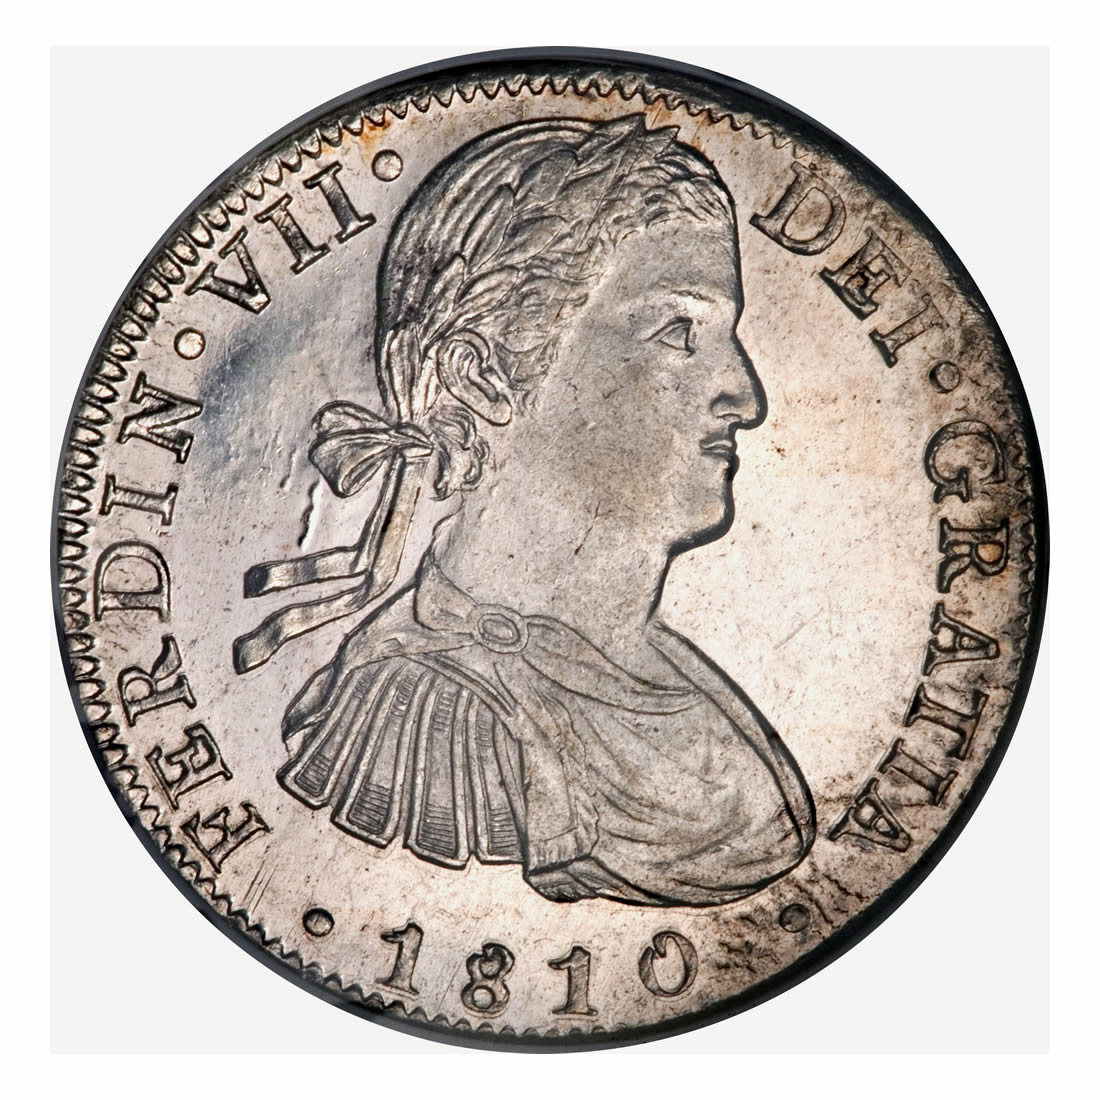 Premium World Coins